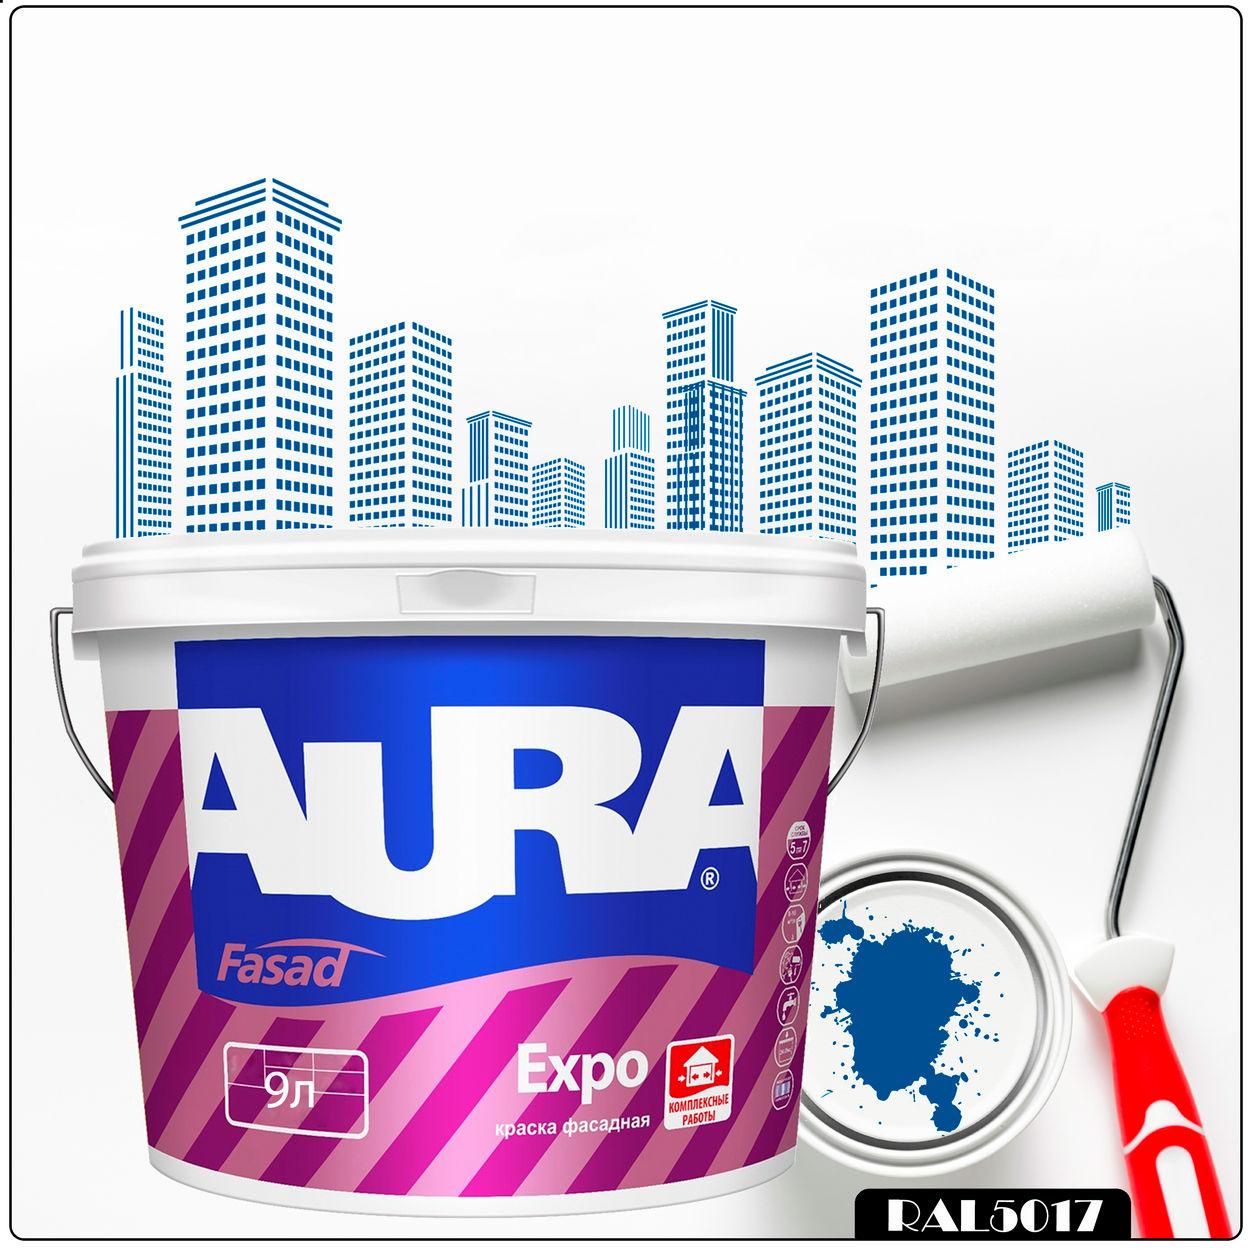 Фото 16 - Краска Aura Fasad Expo, RAL 5017 Транспортный-синий, матовая, для фасадов и помещений с повышенной влажностью, 9л.